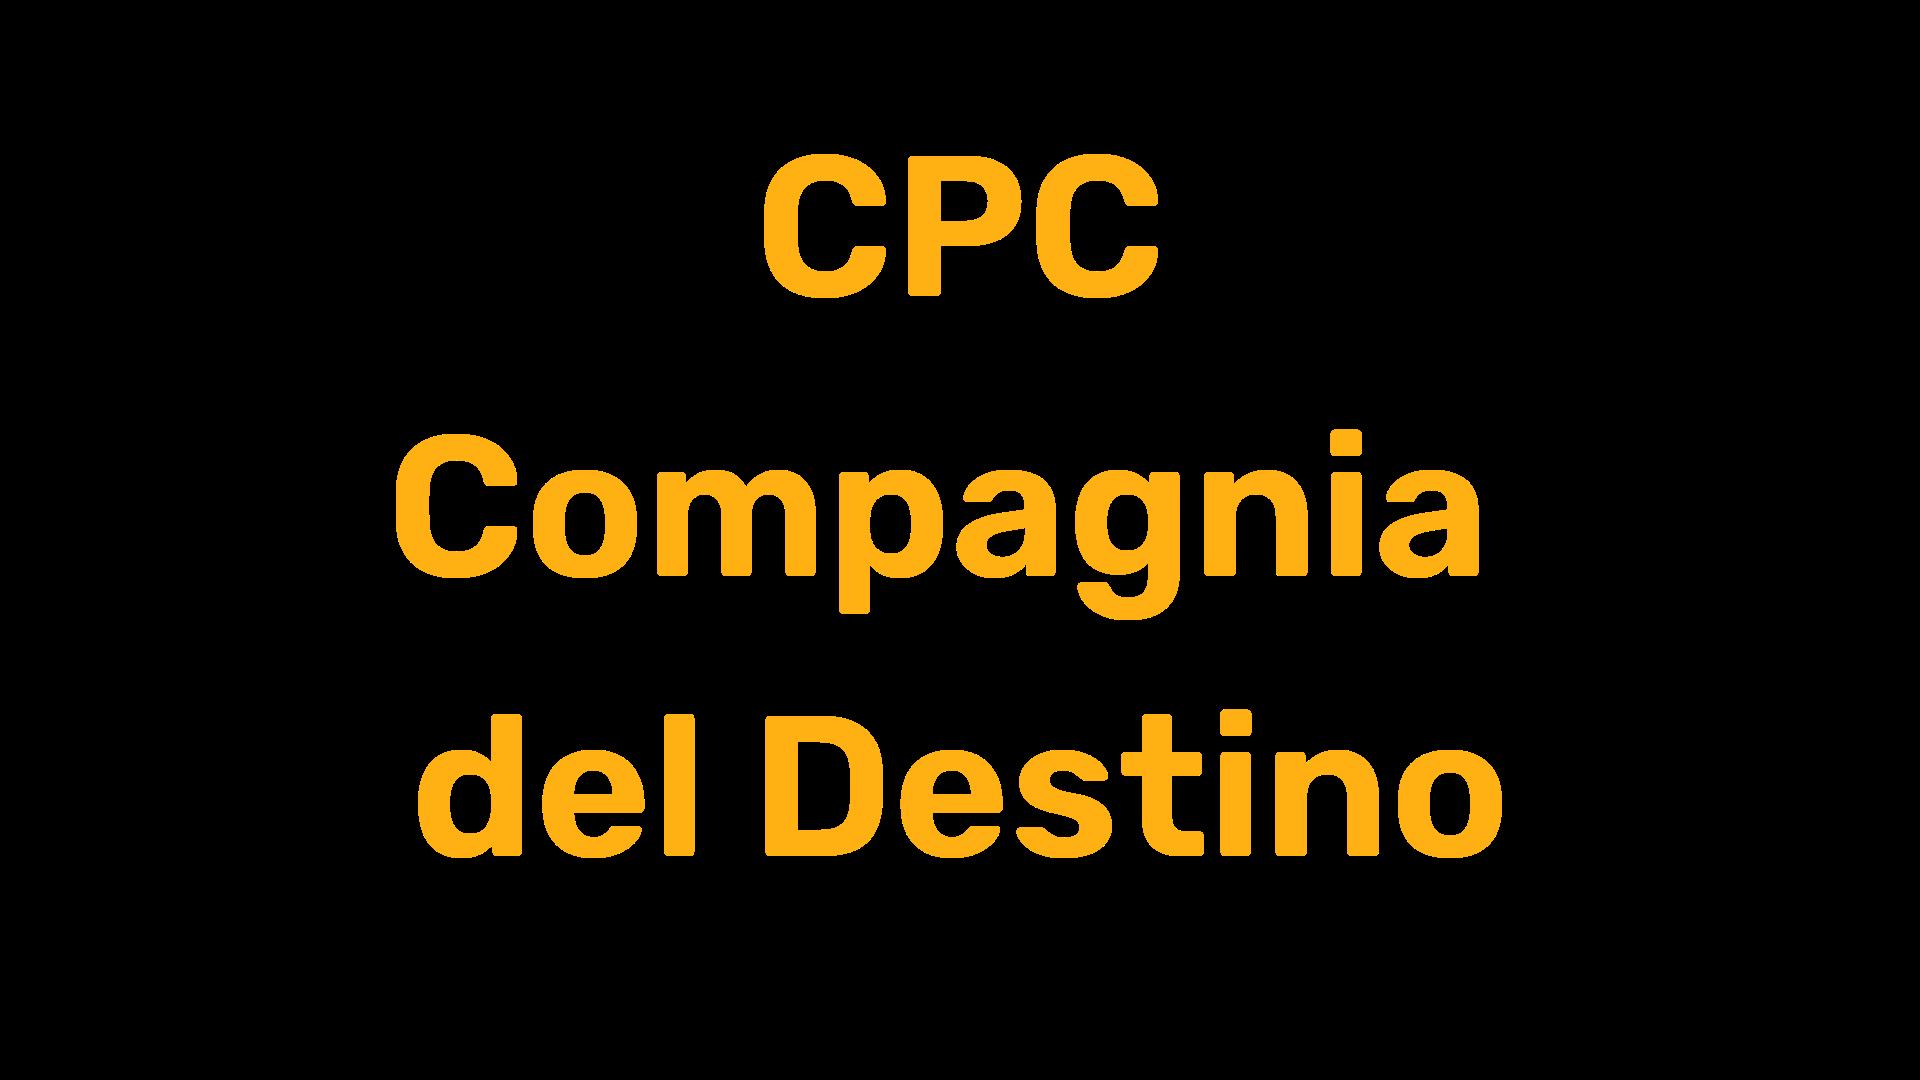 CPC Compagnia del Destino